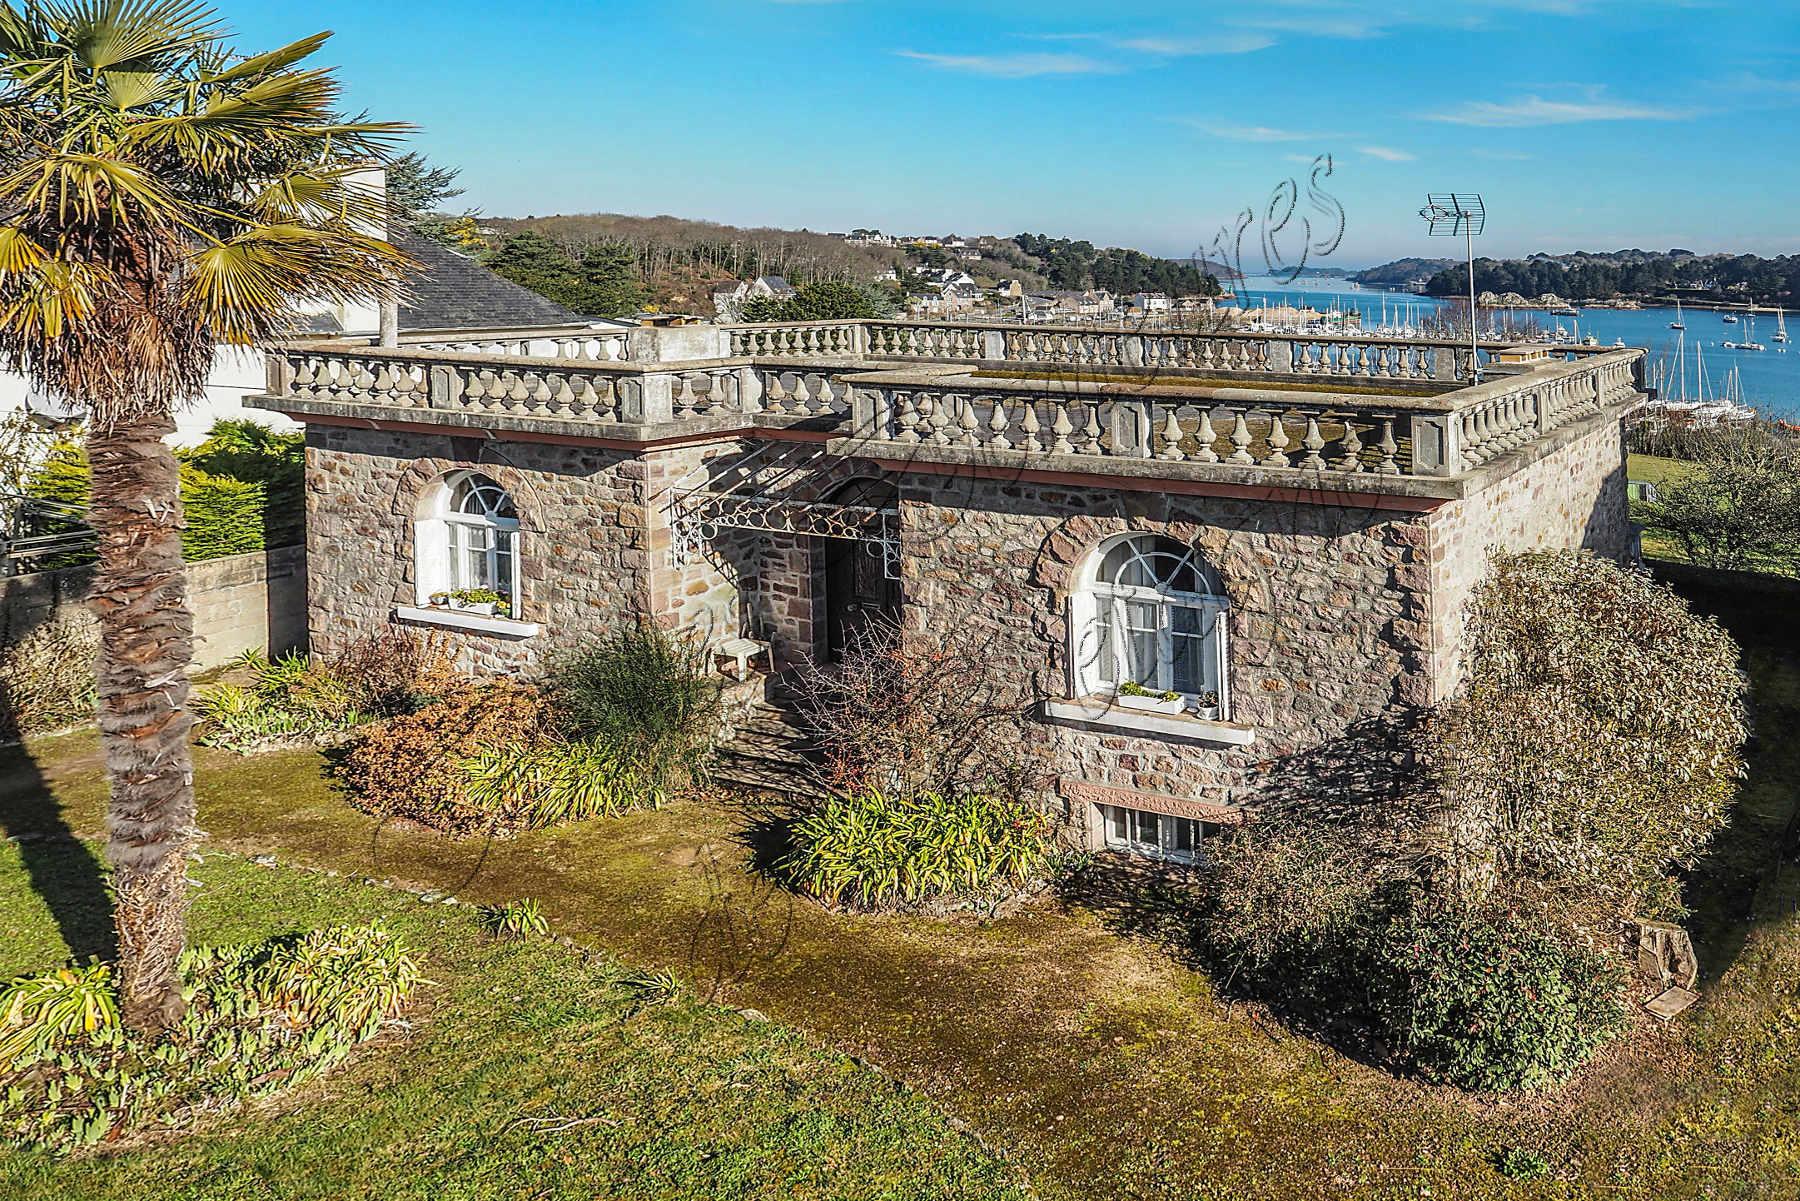 A vendre villa baln aire vue mer c tes d 39 armor bretagne moulin - Demeure de charme dom architecture ...